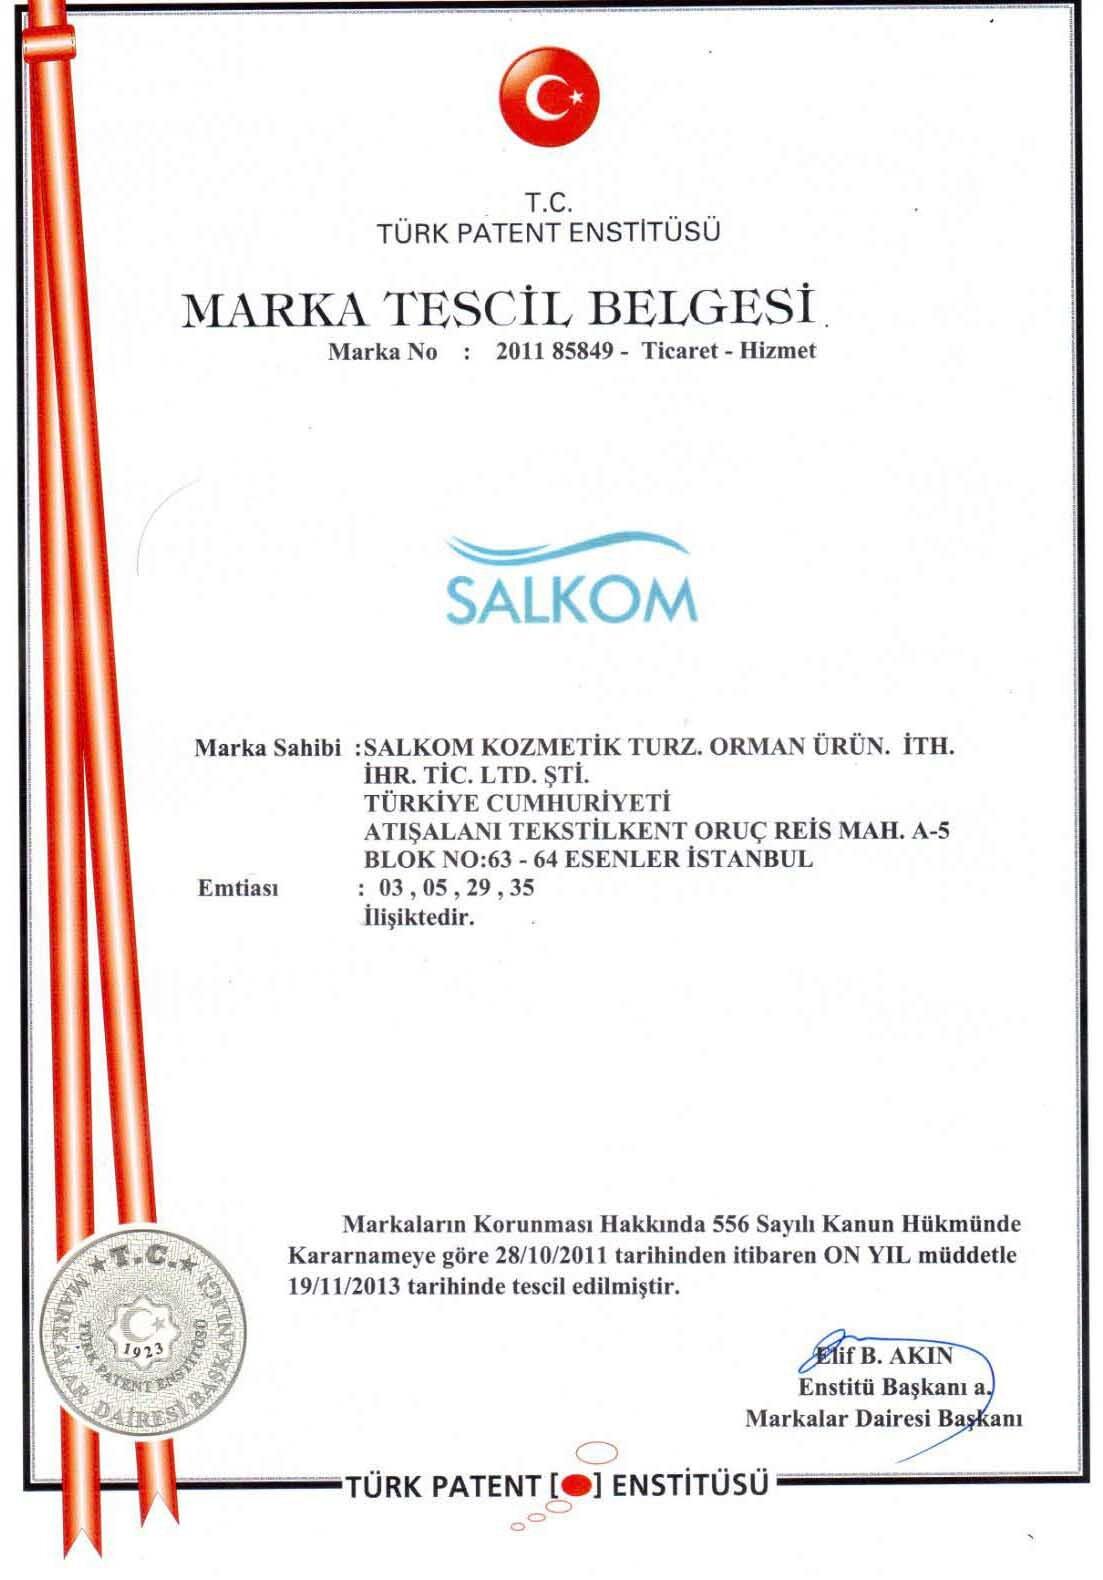 Salkom Marka Tescili